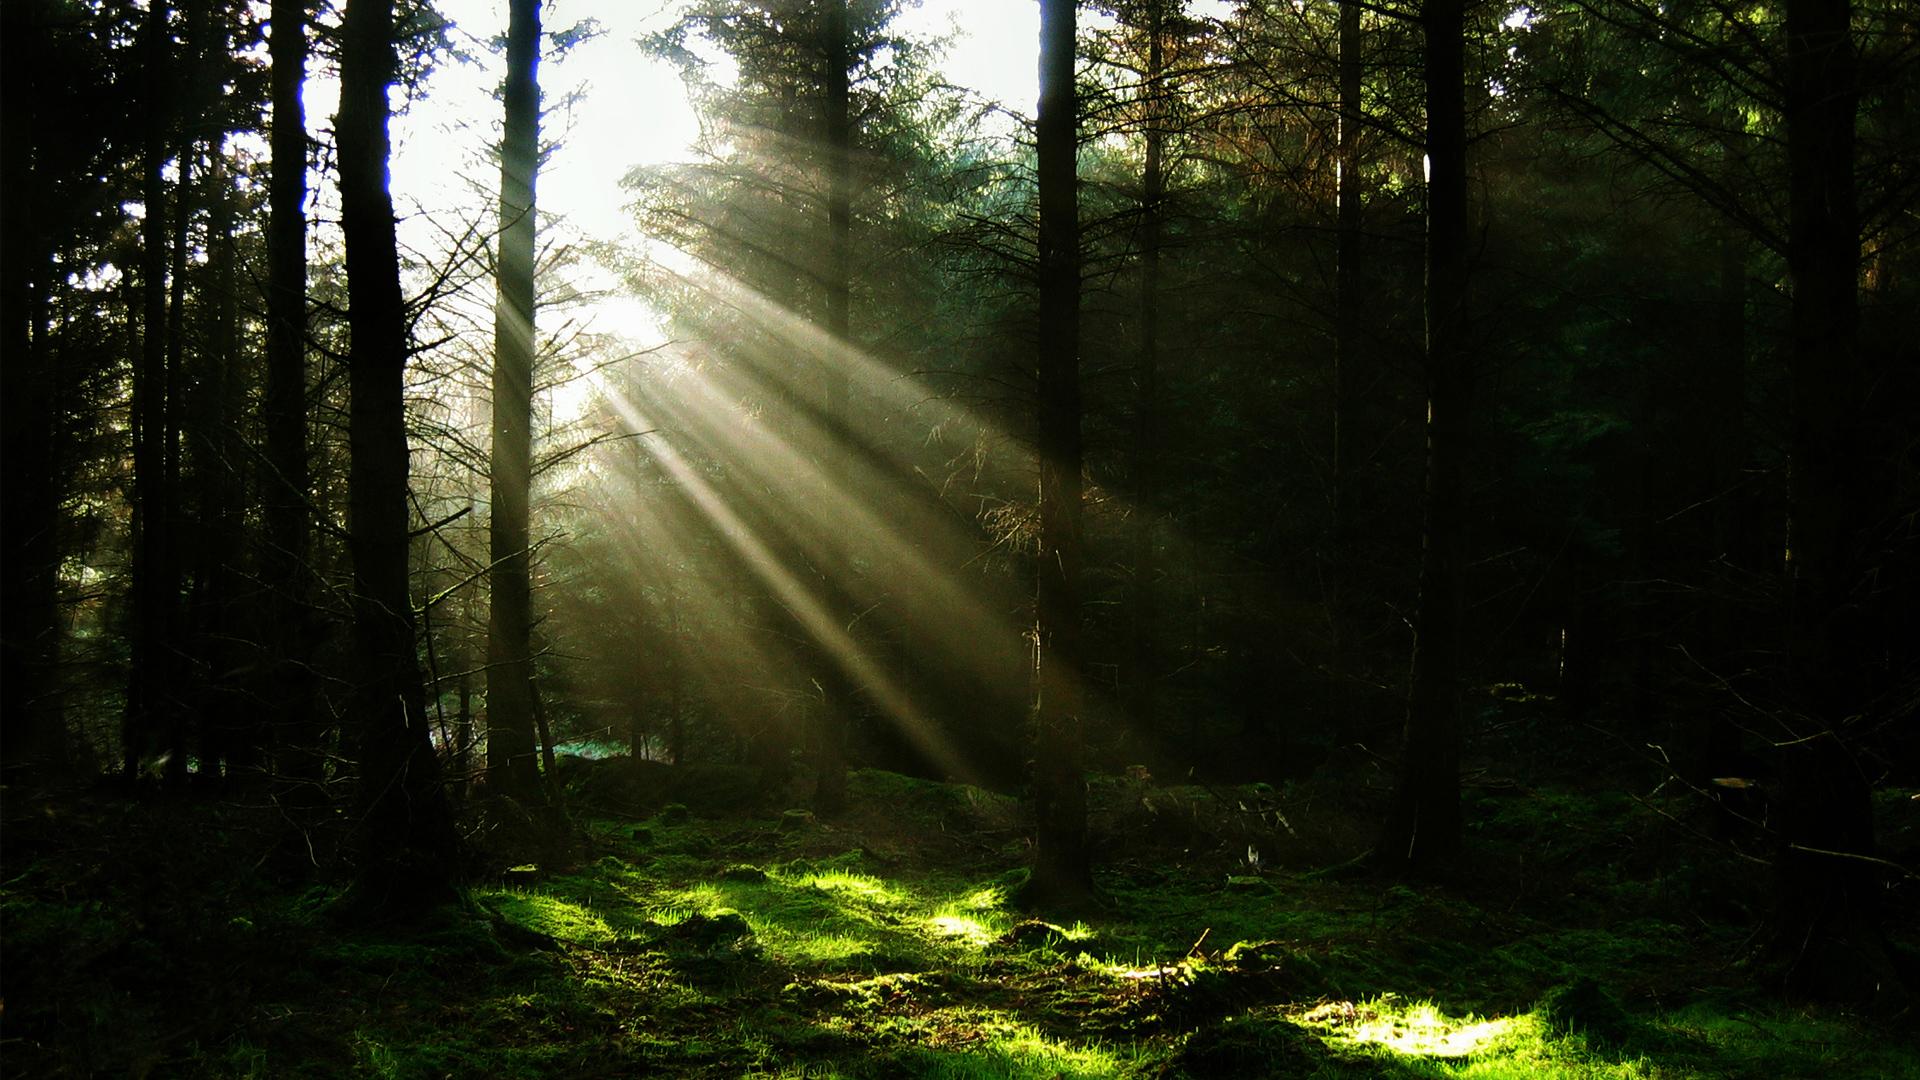 свет солнца в темном лесу, скачать фото, обои для рабочего стола